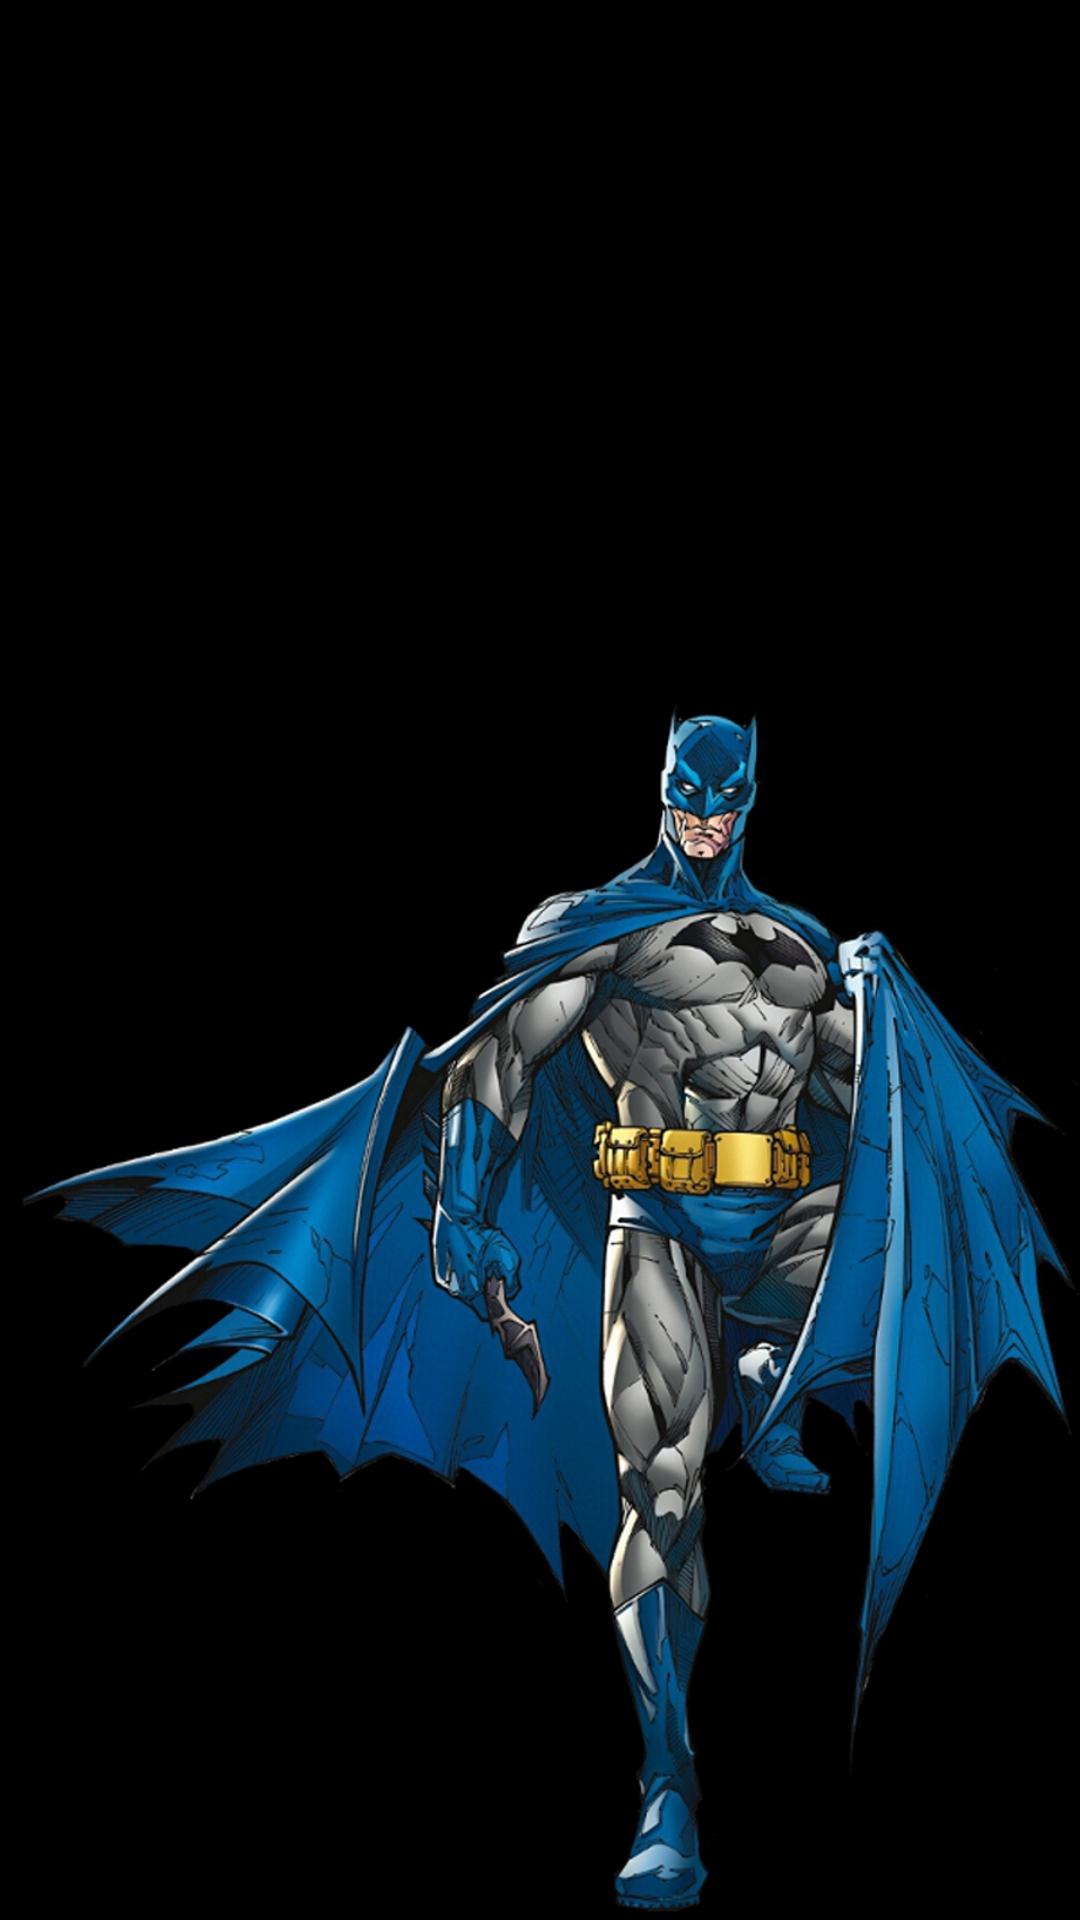 Batman Cool Wallpapers Pinterest 1080x1920